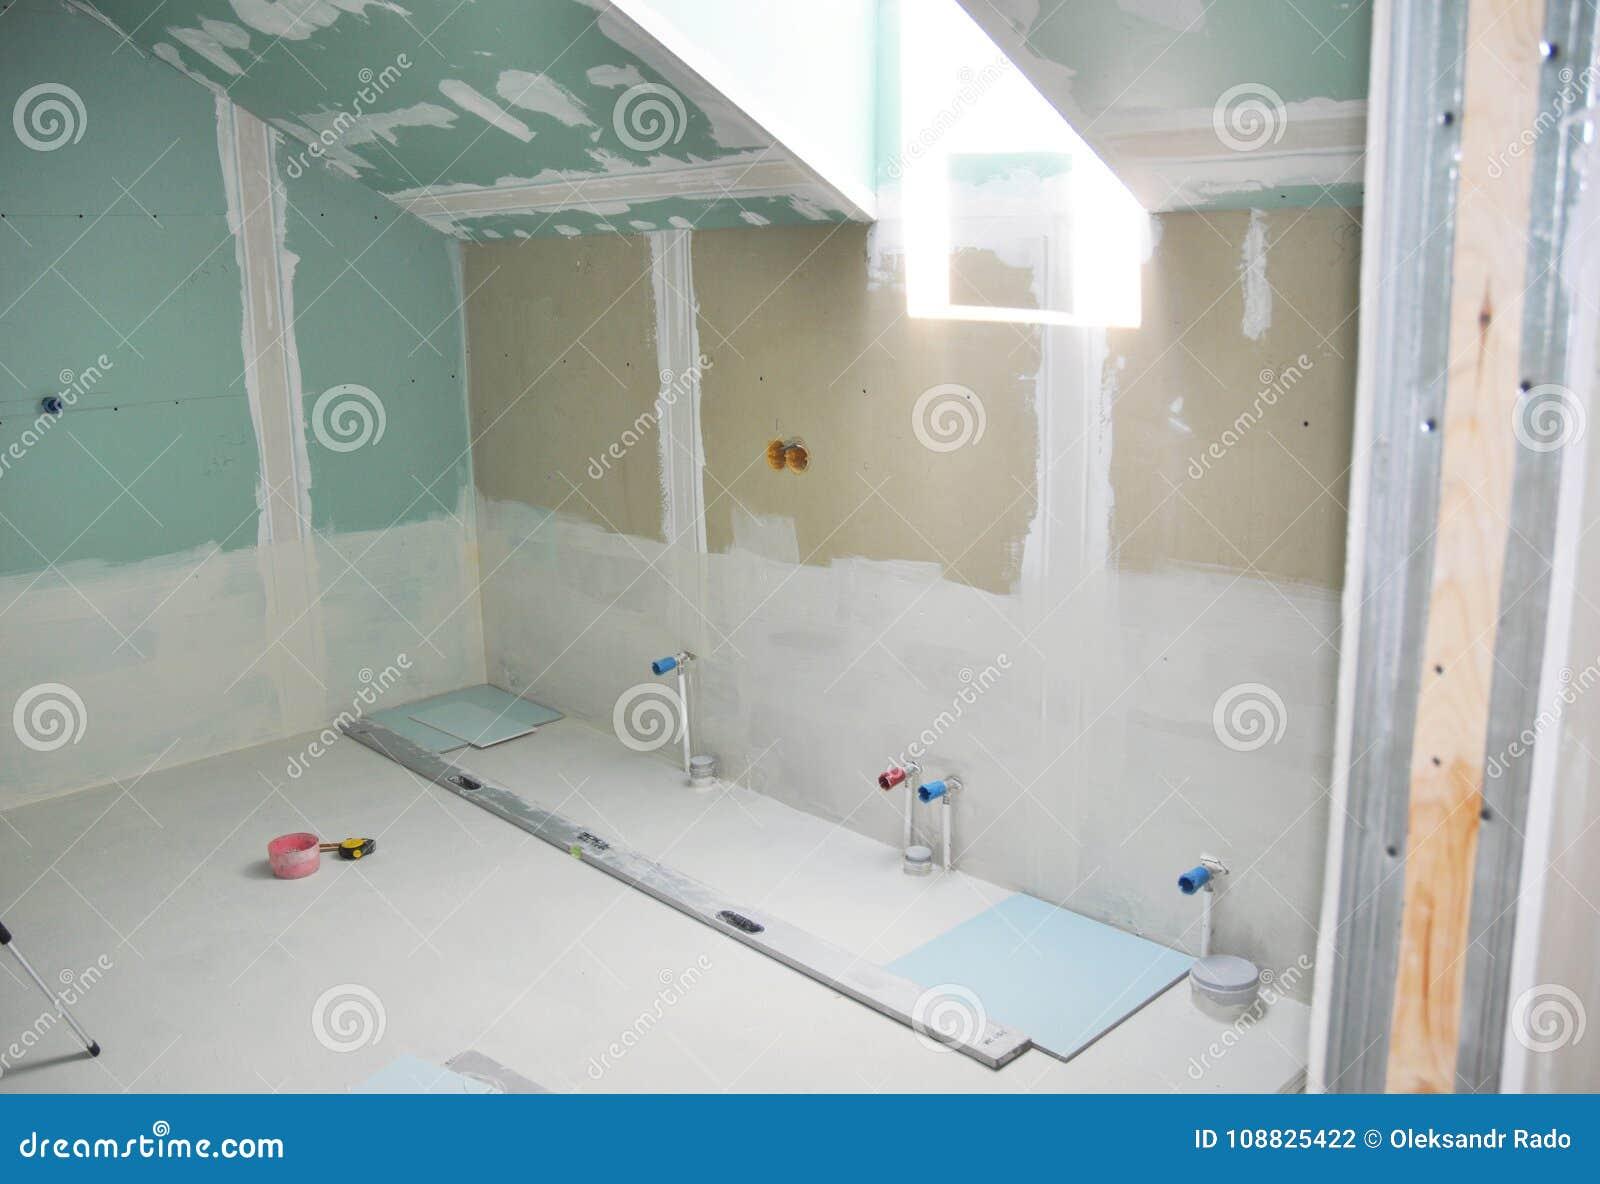 Umgestaltung Dachbodenbadezimmer mit der Trockenmauerreparatur, Malerei vergipsend, Stuck Badezimmerreparatur und -erneuerung